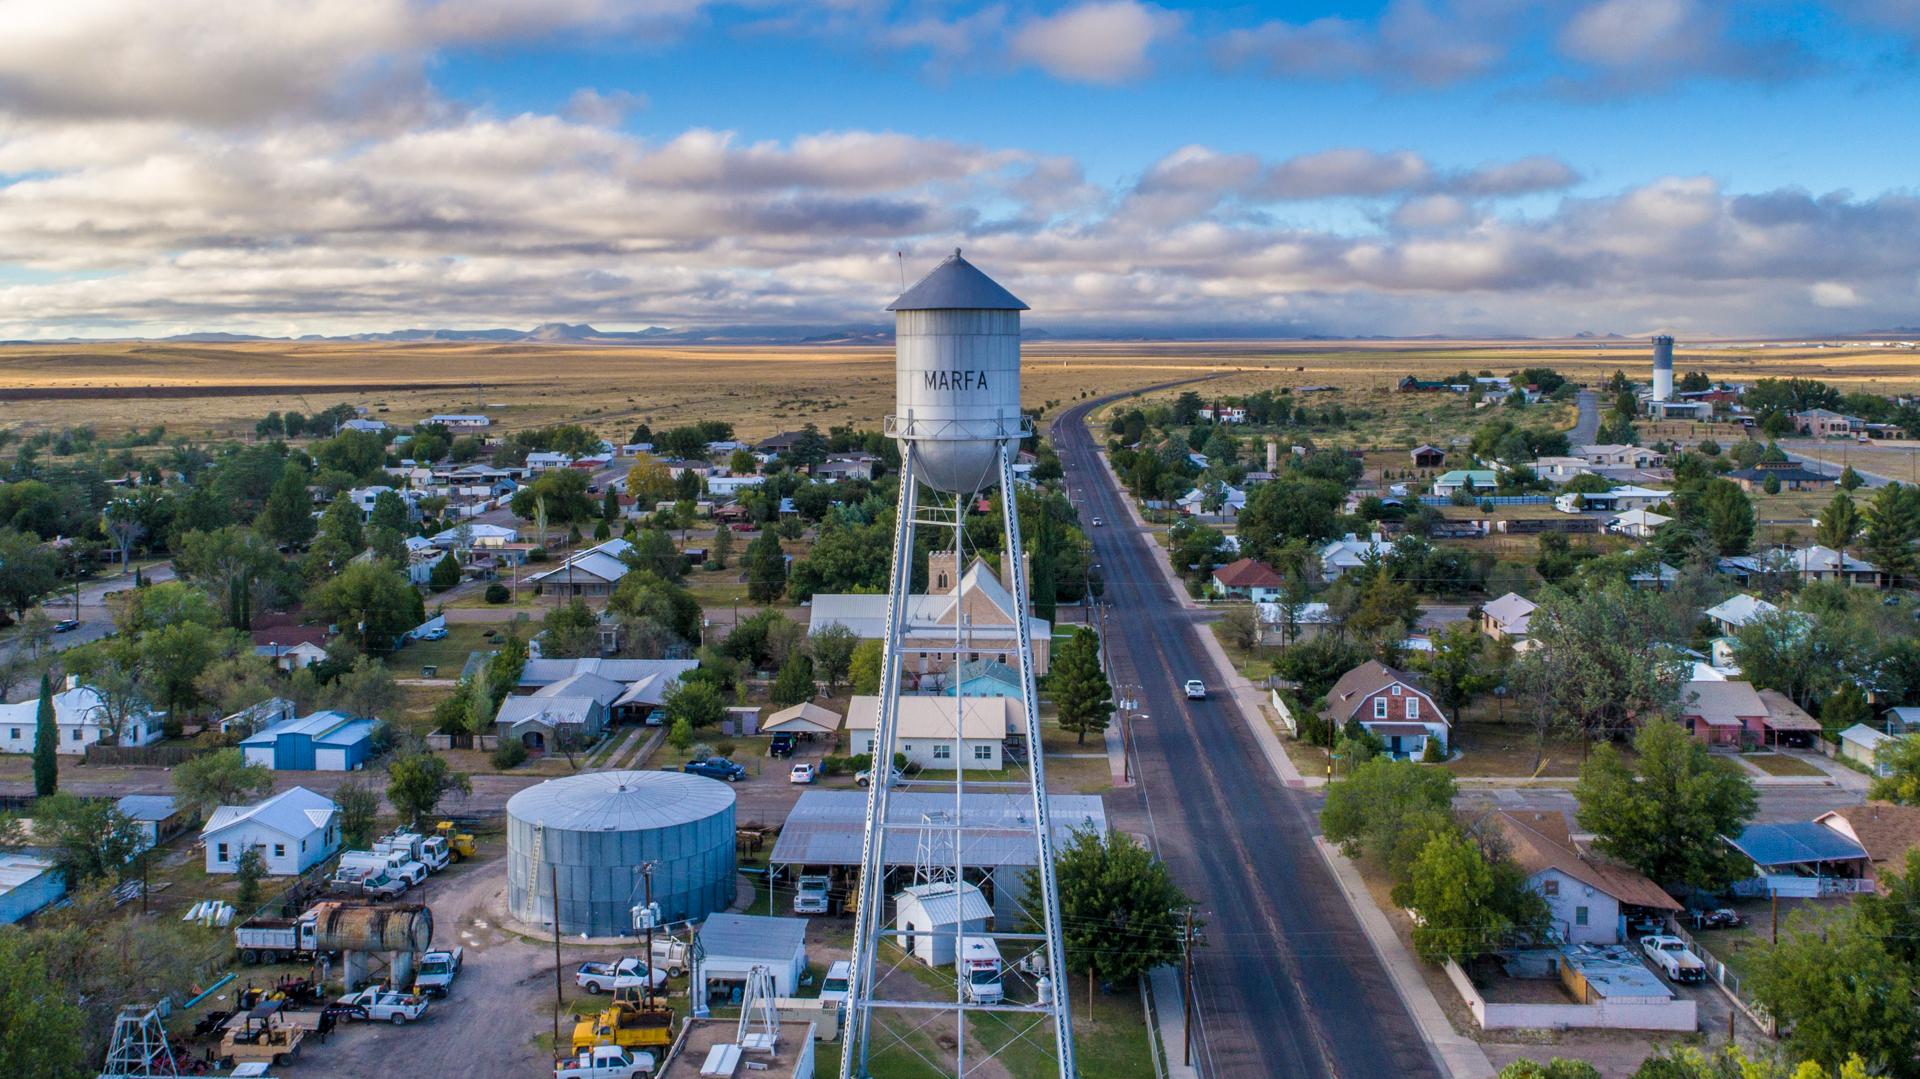 Marfa Texas Water Tower